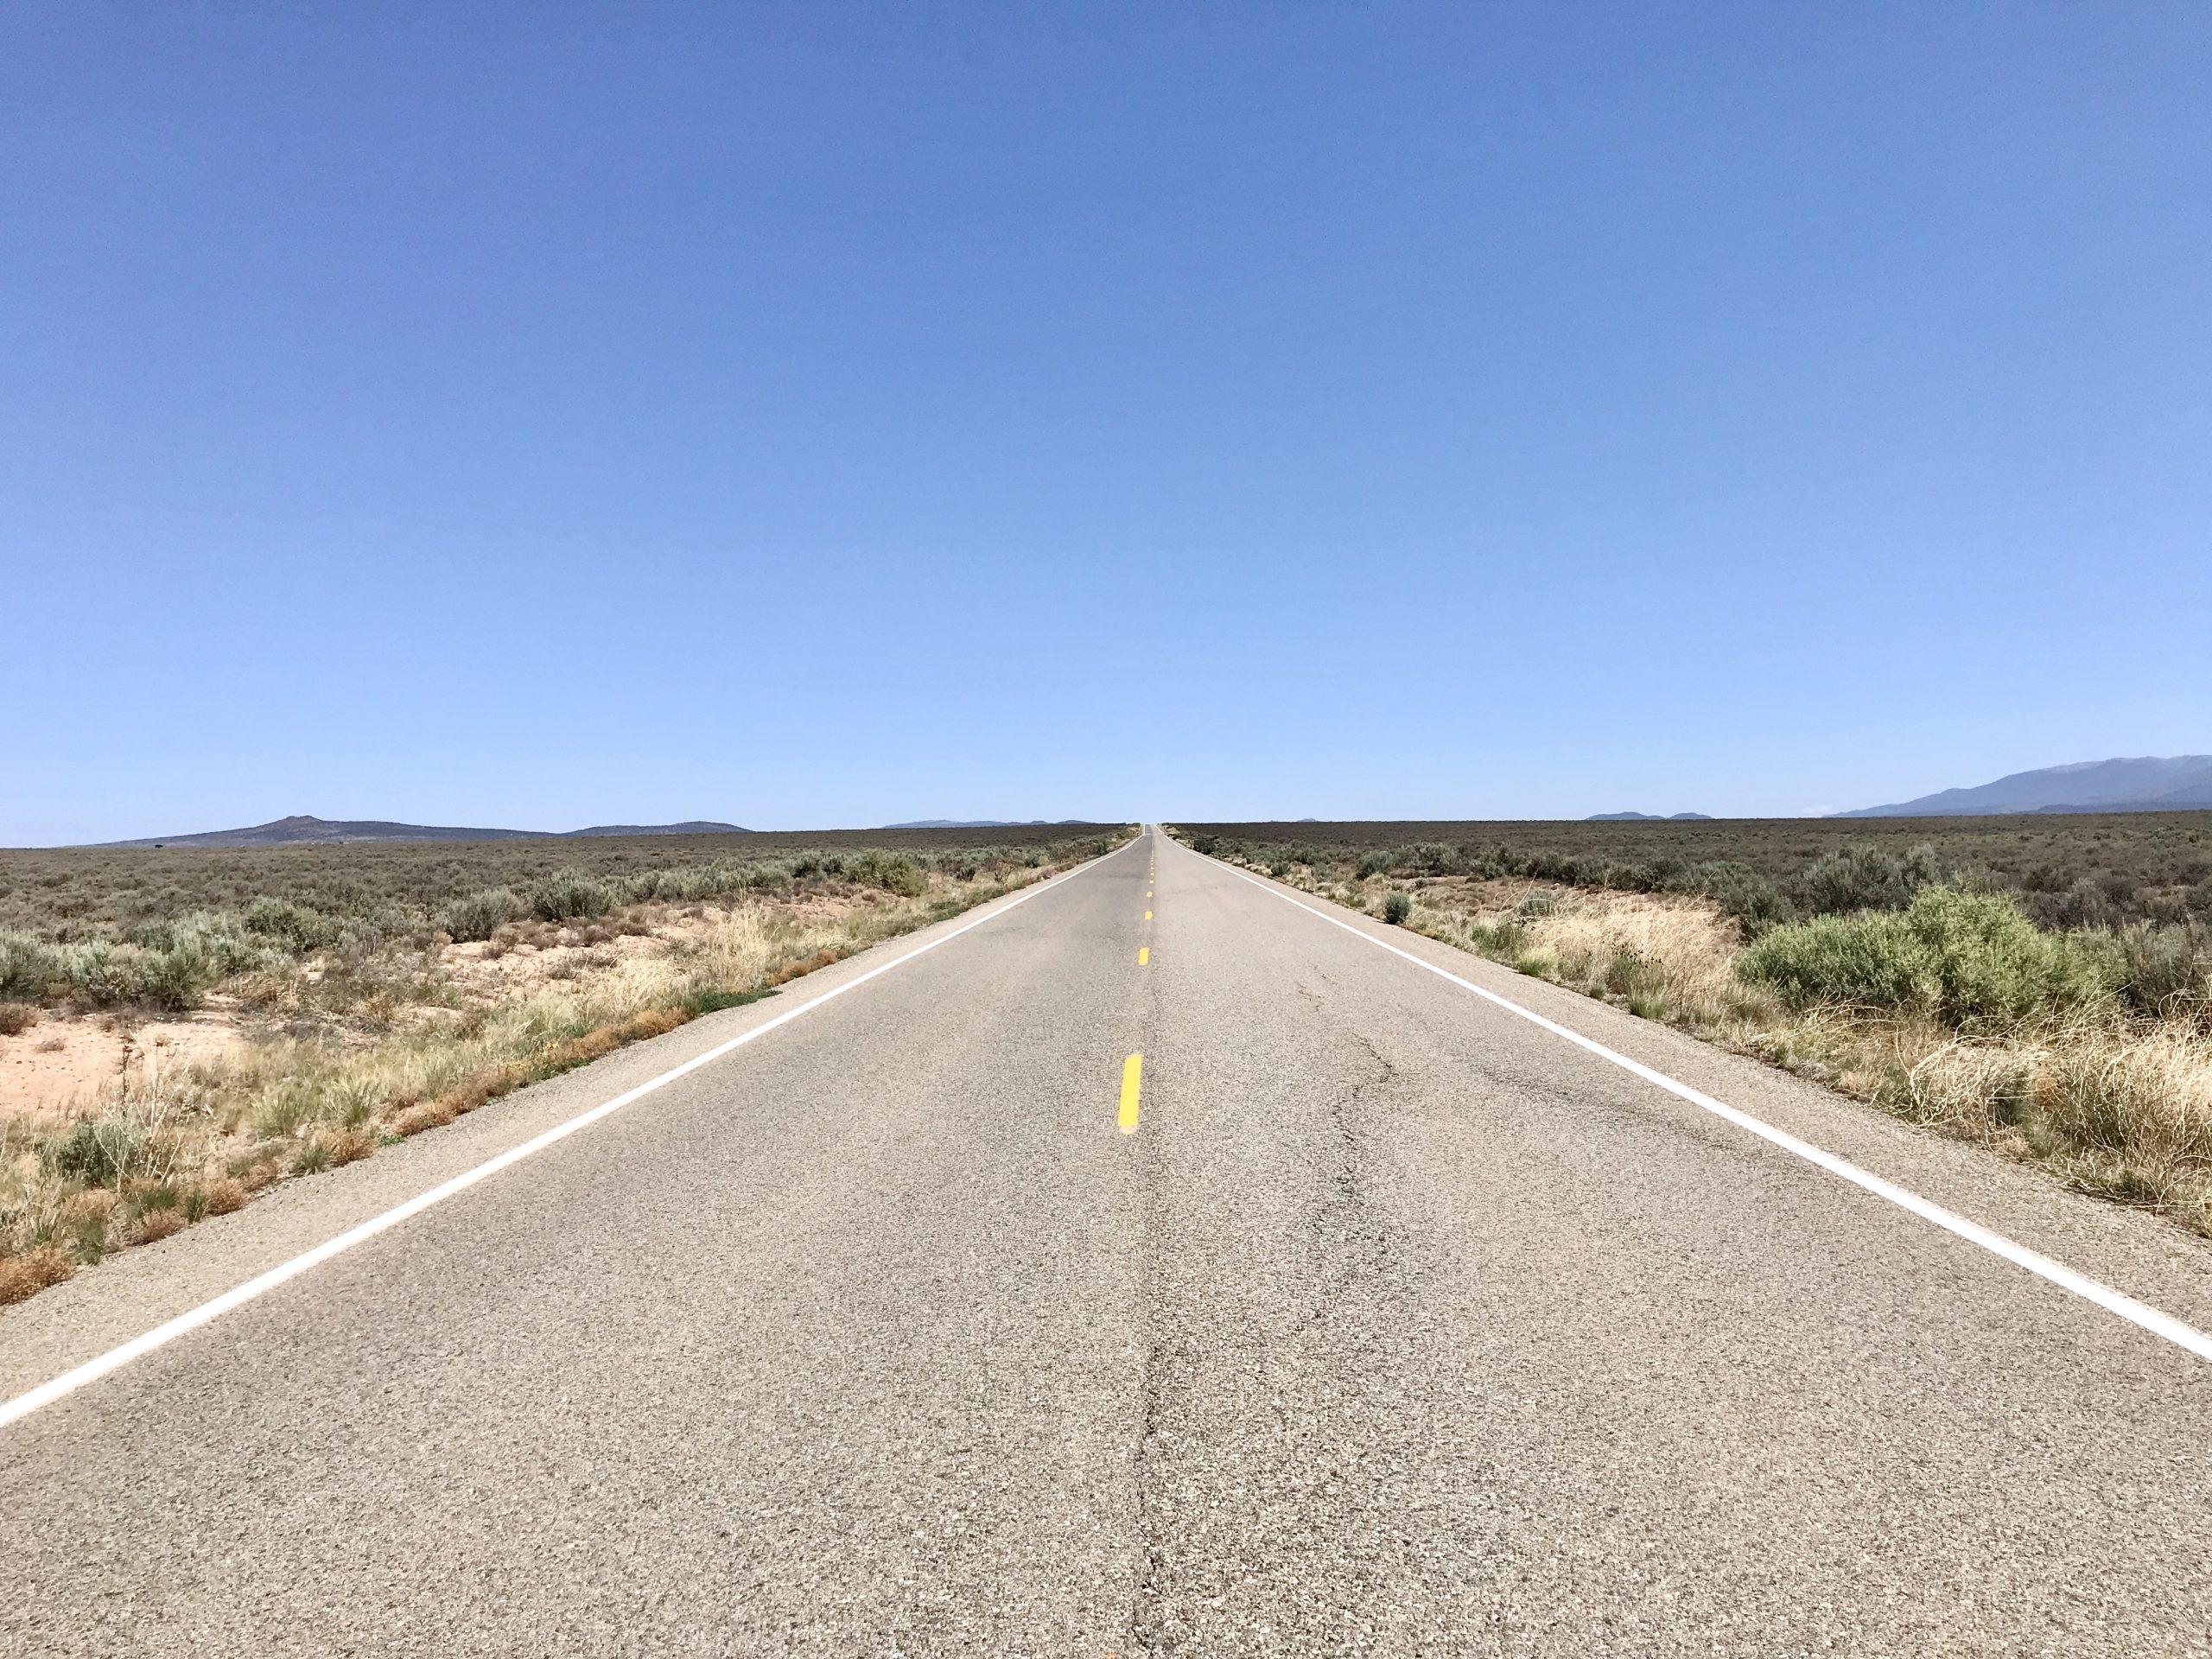 Empty road travels straight into the horizon near Taos, New Mexico